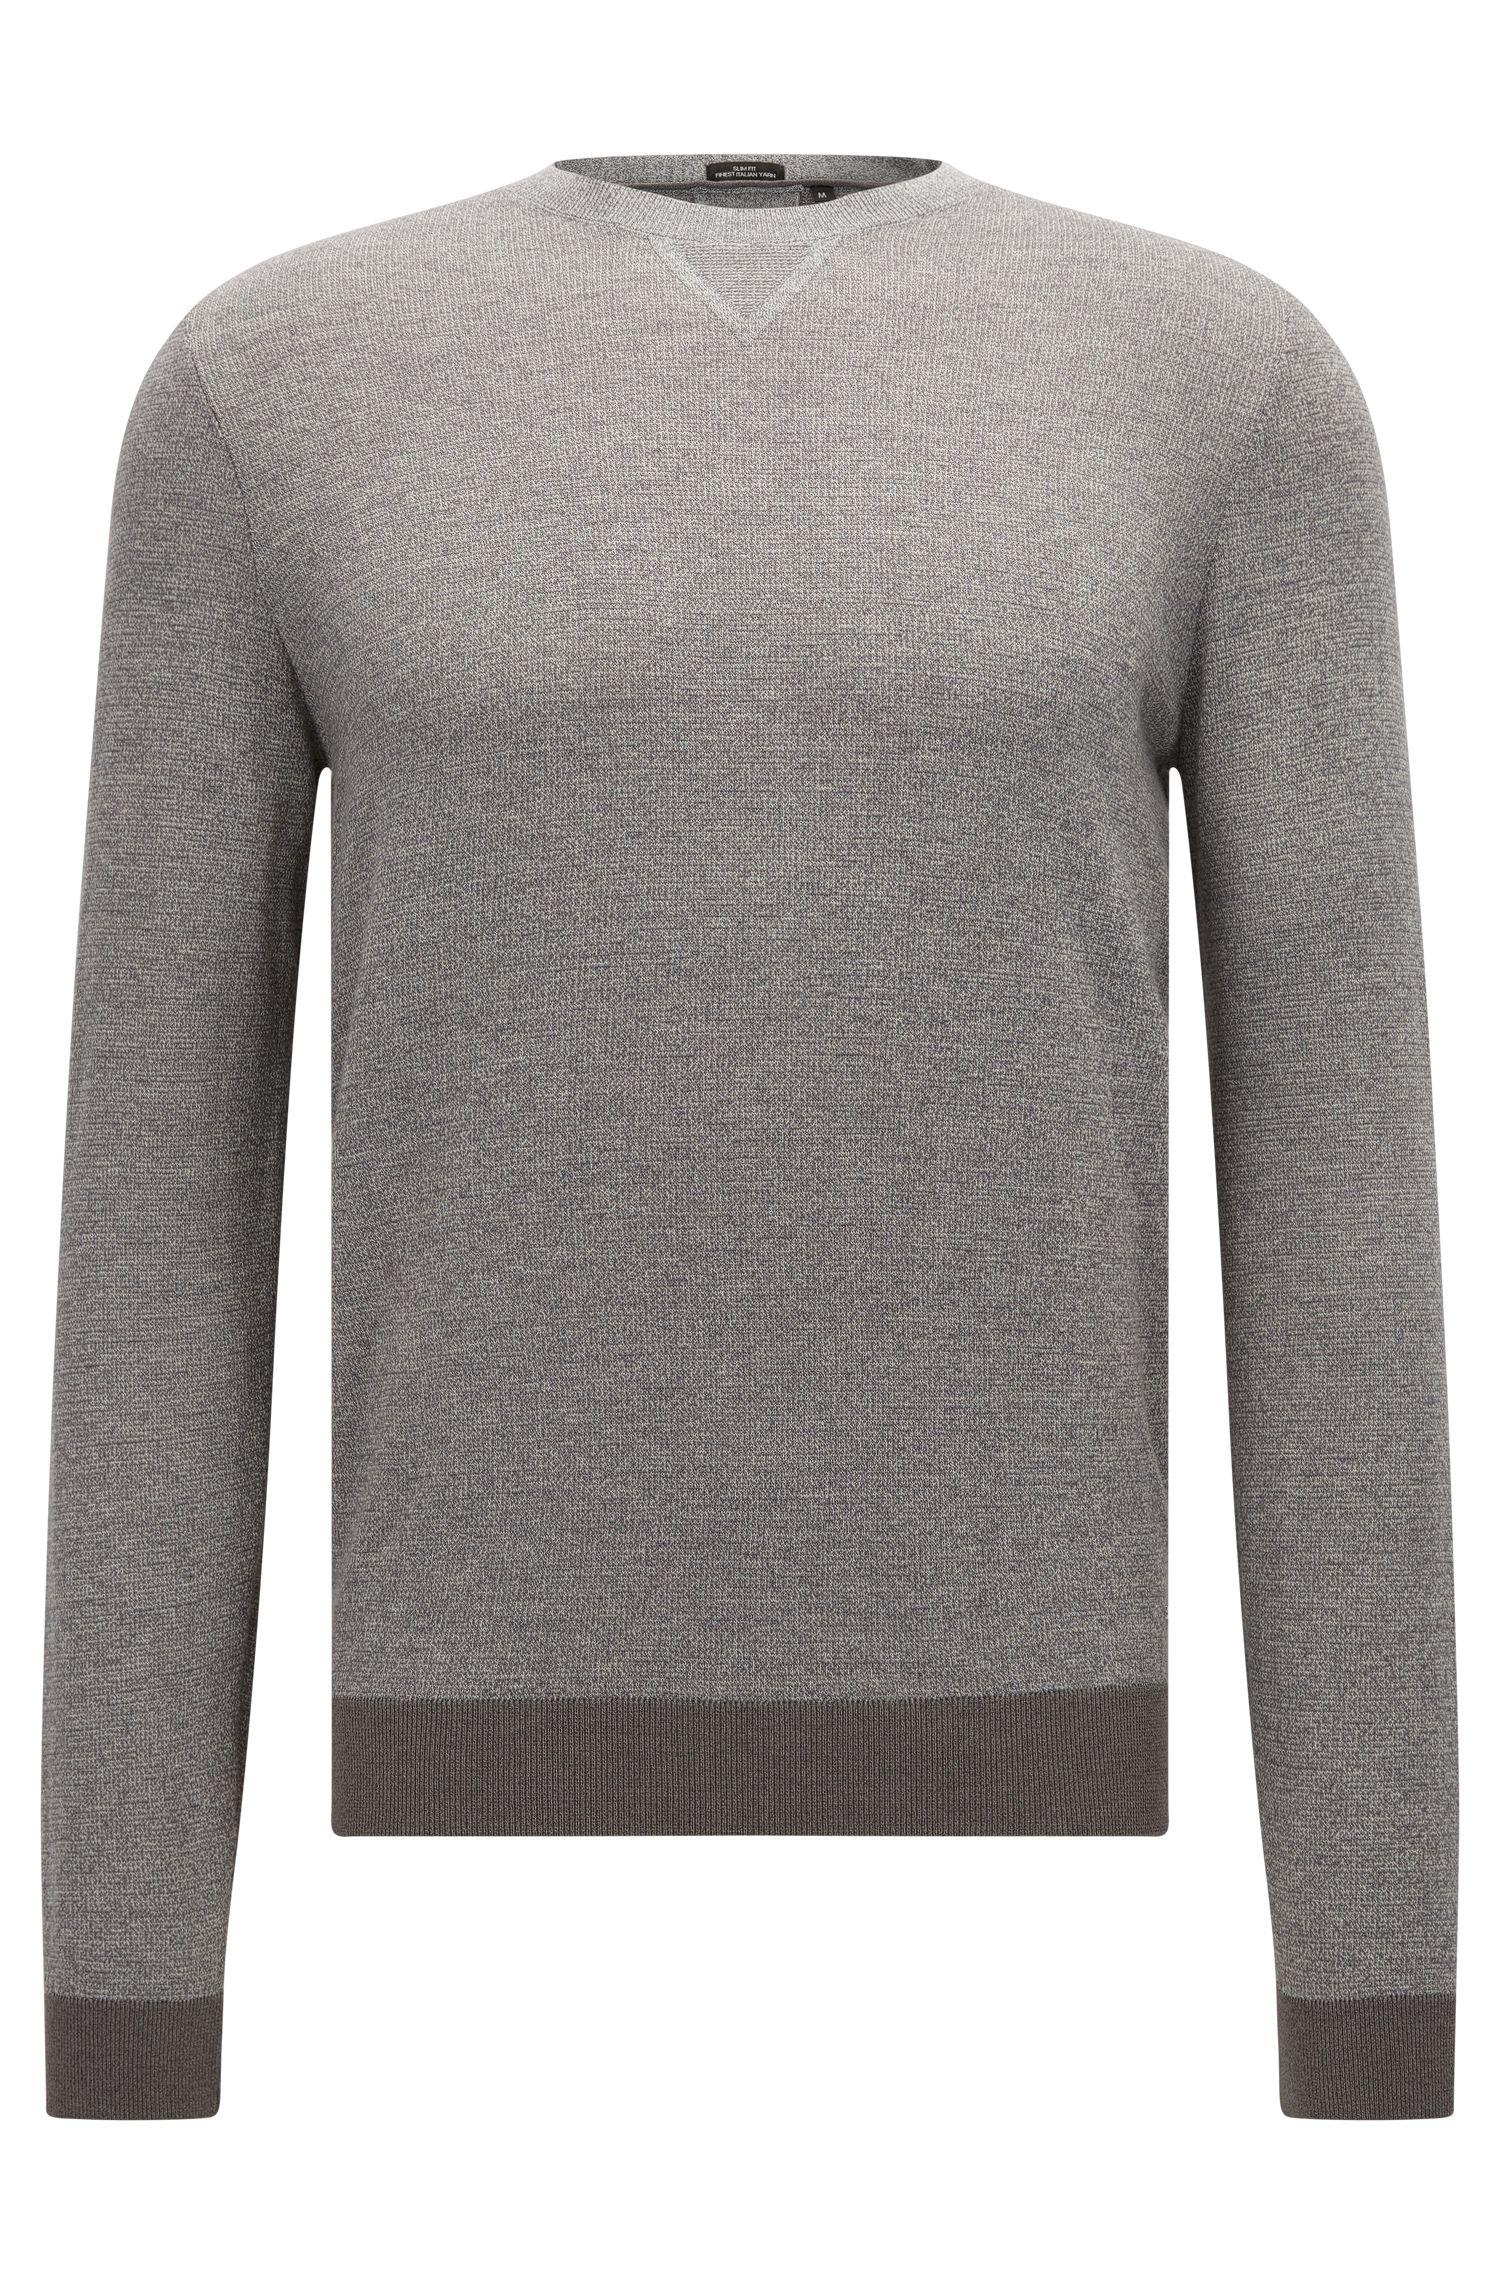 'T-Mateo' | Italian Virgin Wool Cotton Sweater